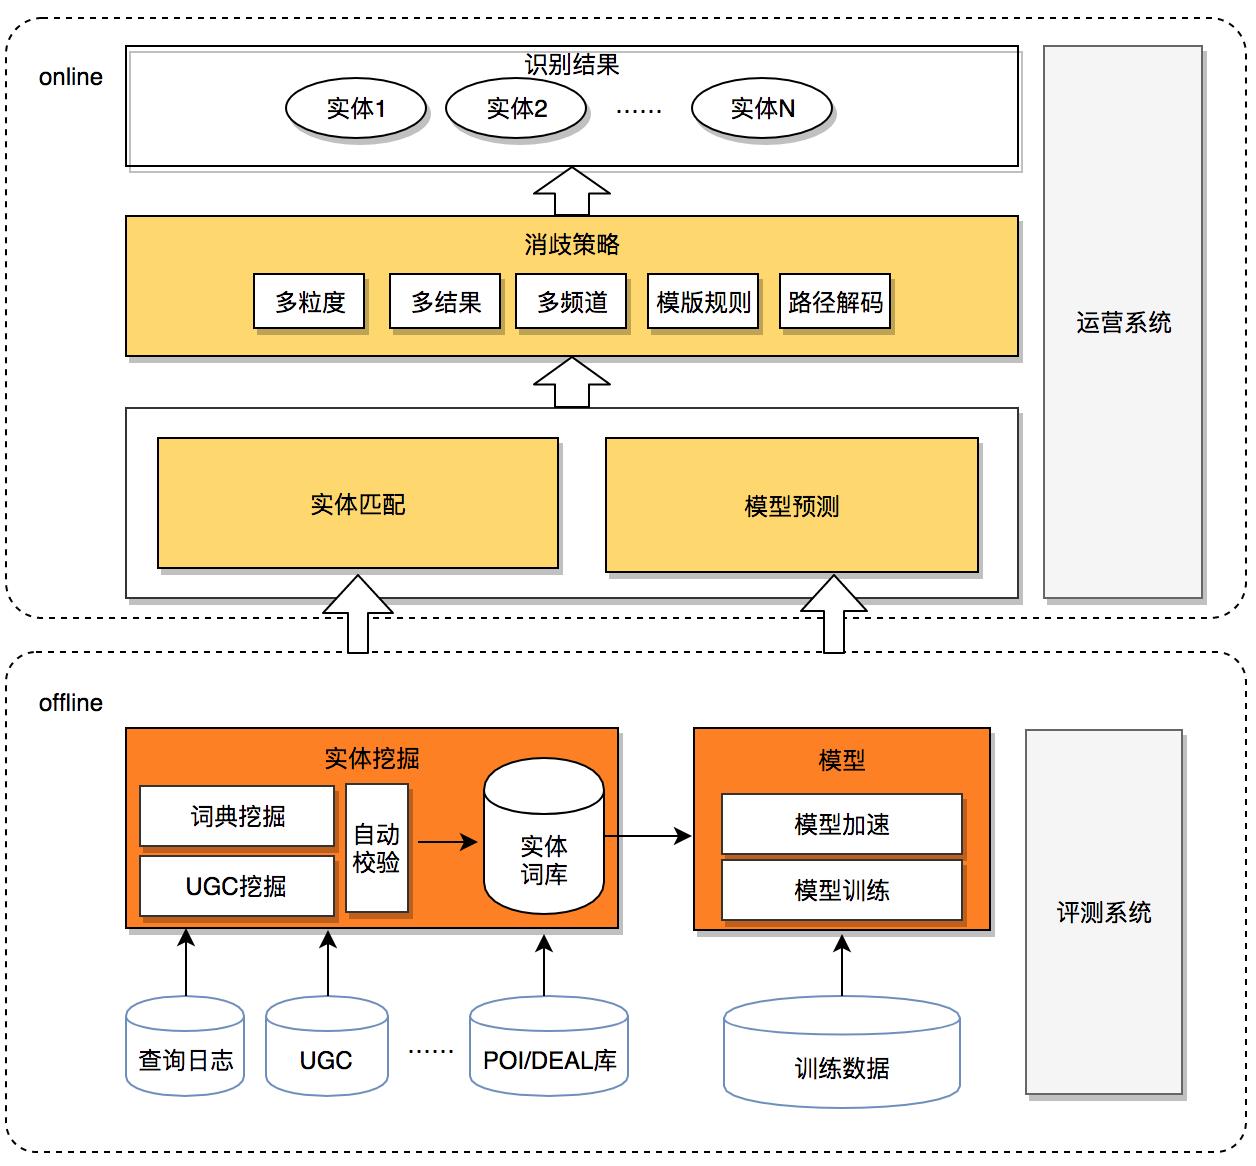 图 2 实体识别整体架构